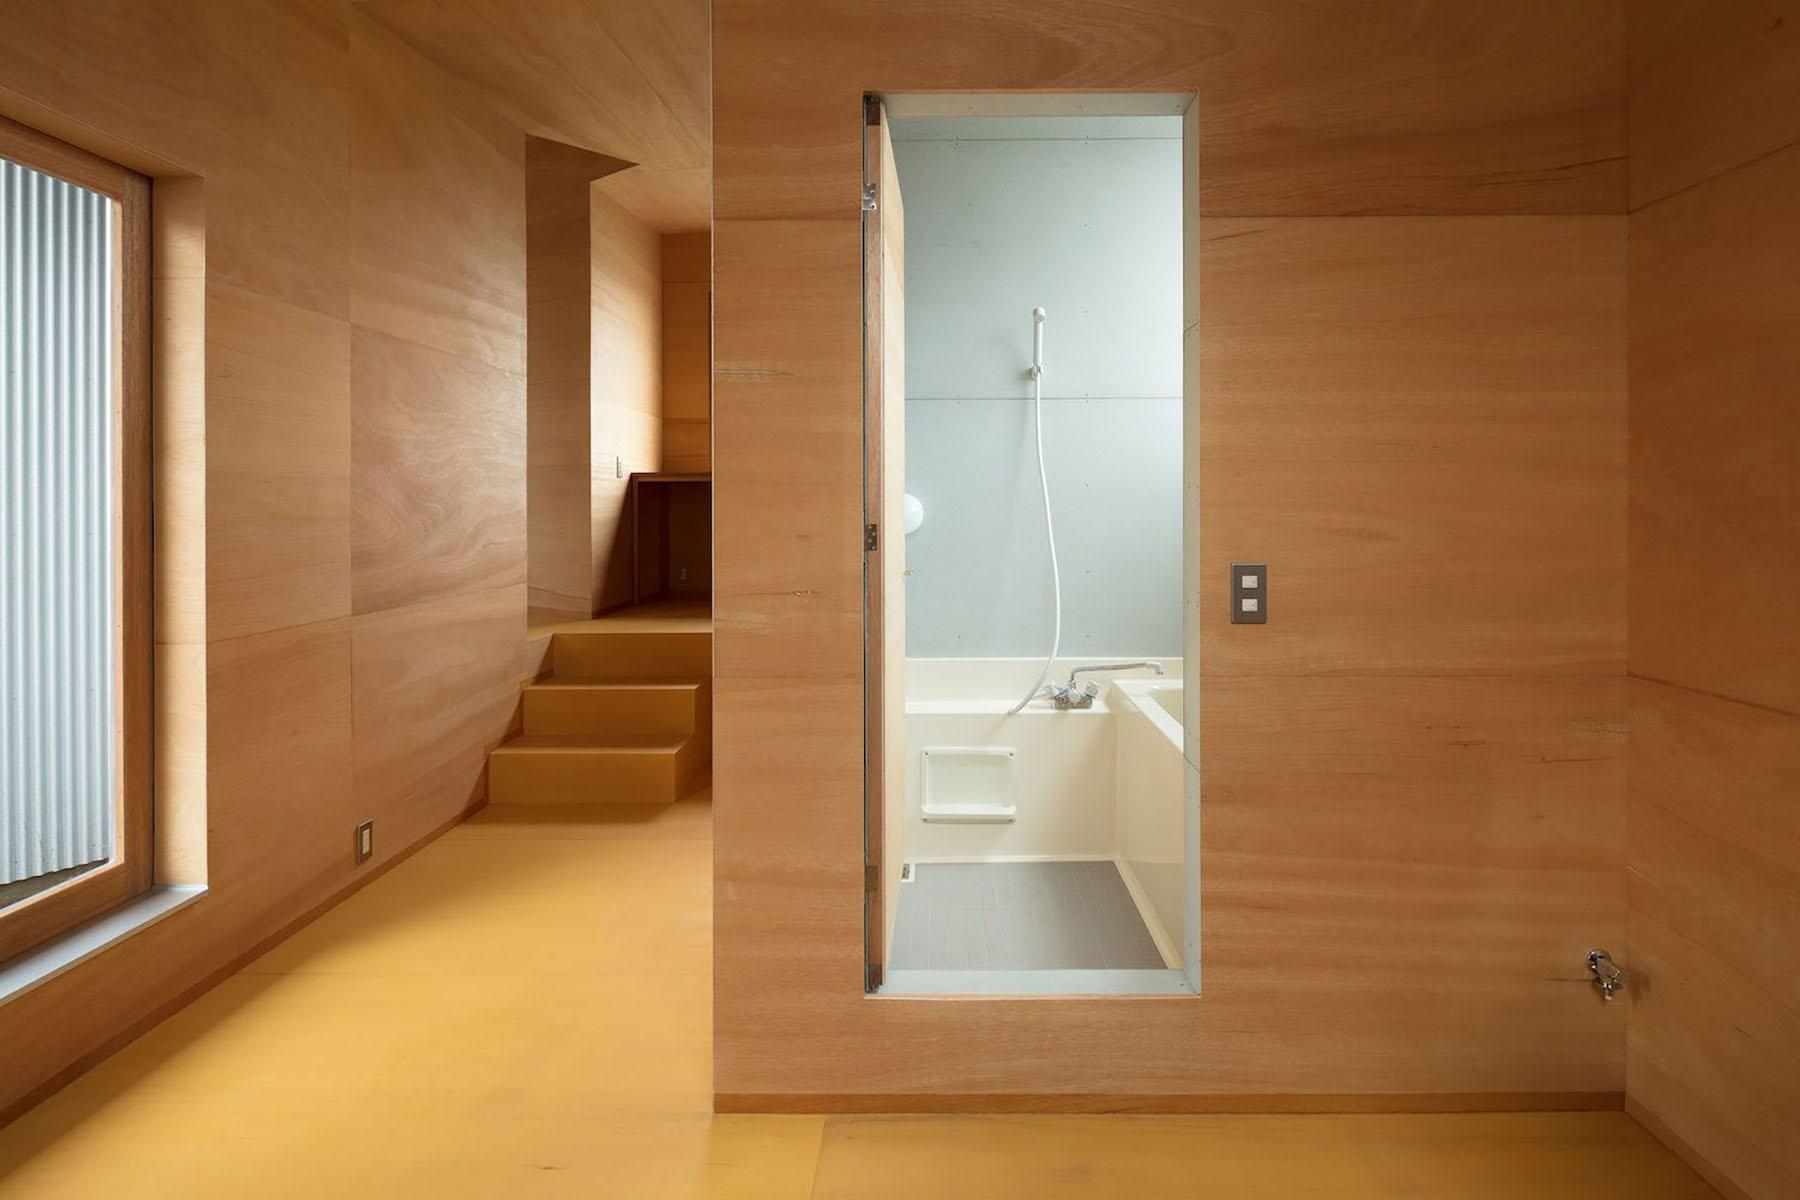 iGNANT-Architecture-Miya-Akiko-Roofs-And-Window-014